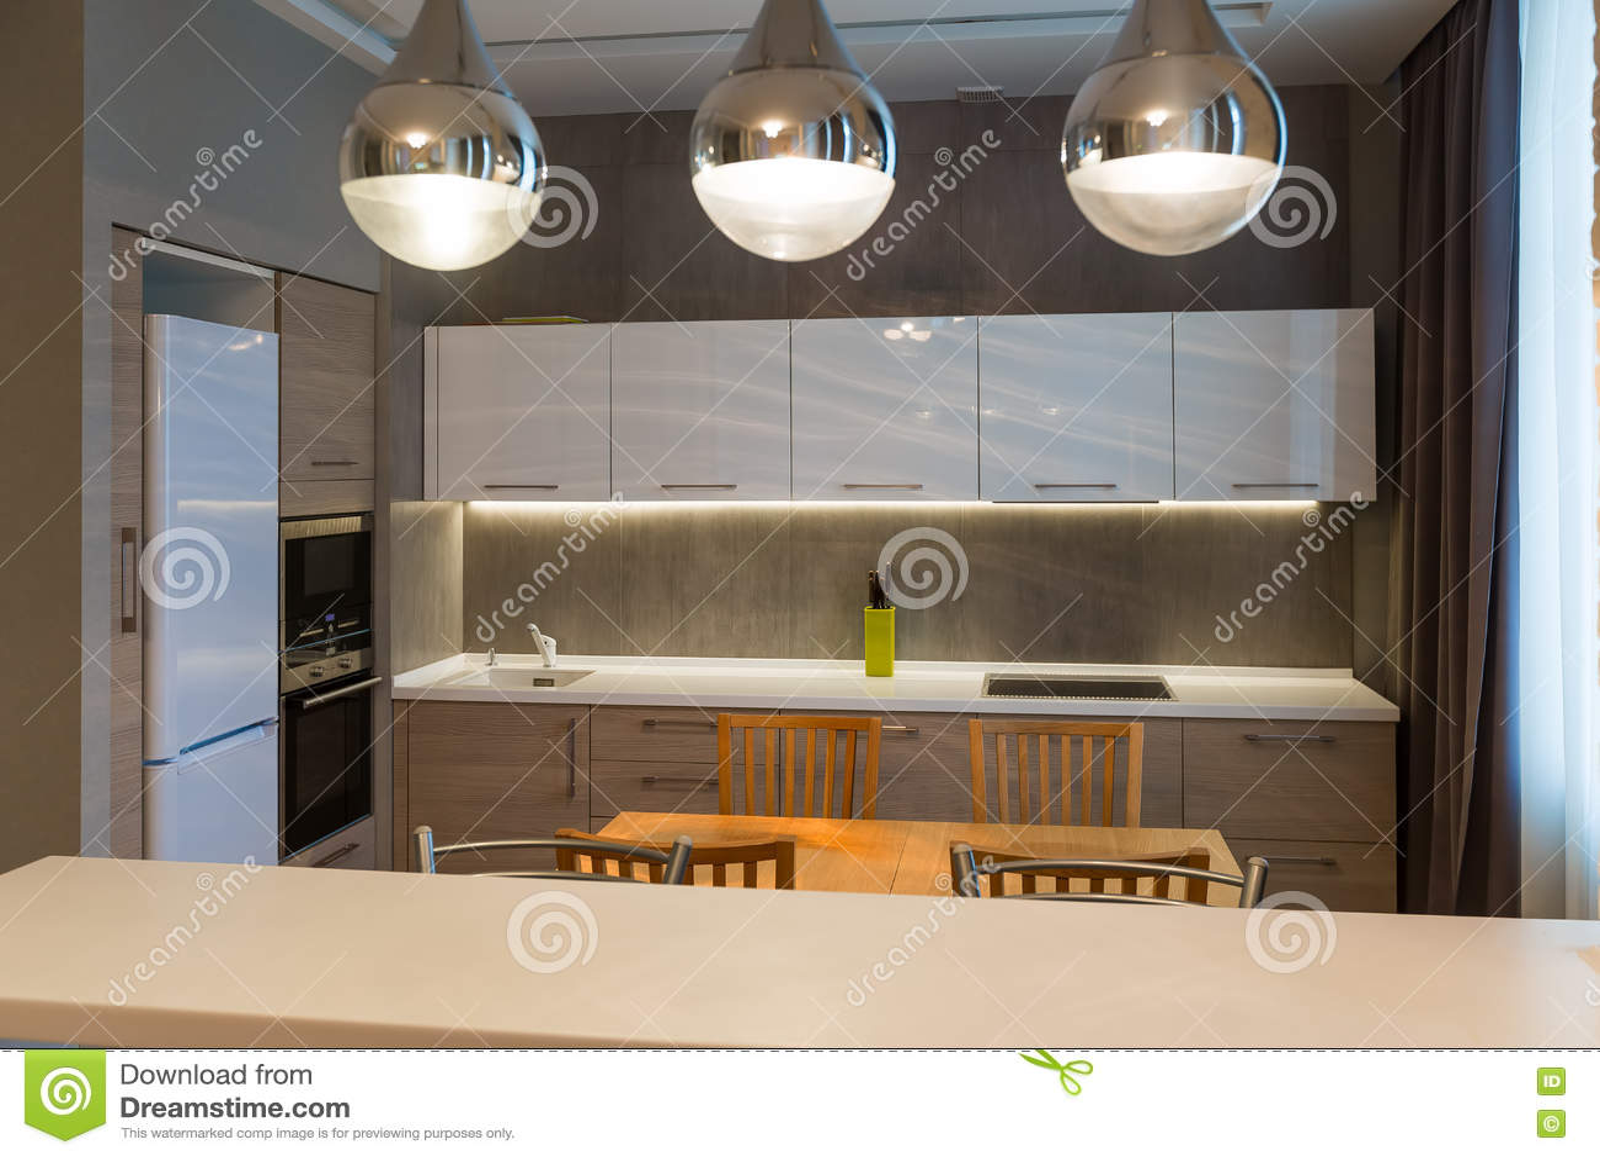 Interni Moderni Case Di Lusso : Interno moderno della cucina nella nuova casa di lusso appartamento